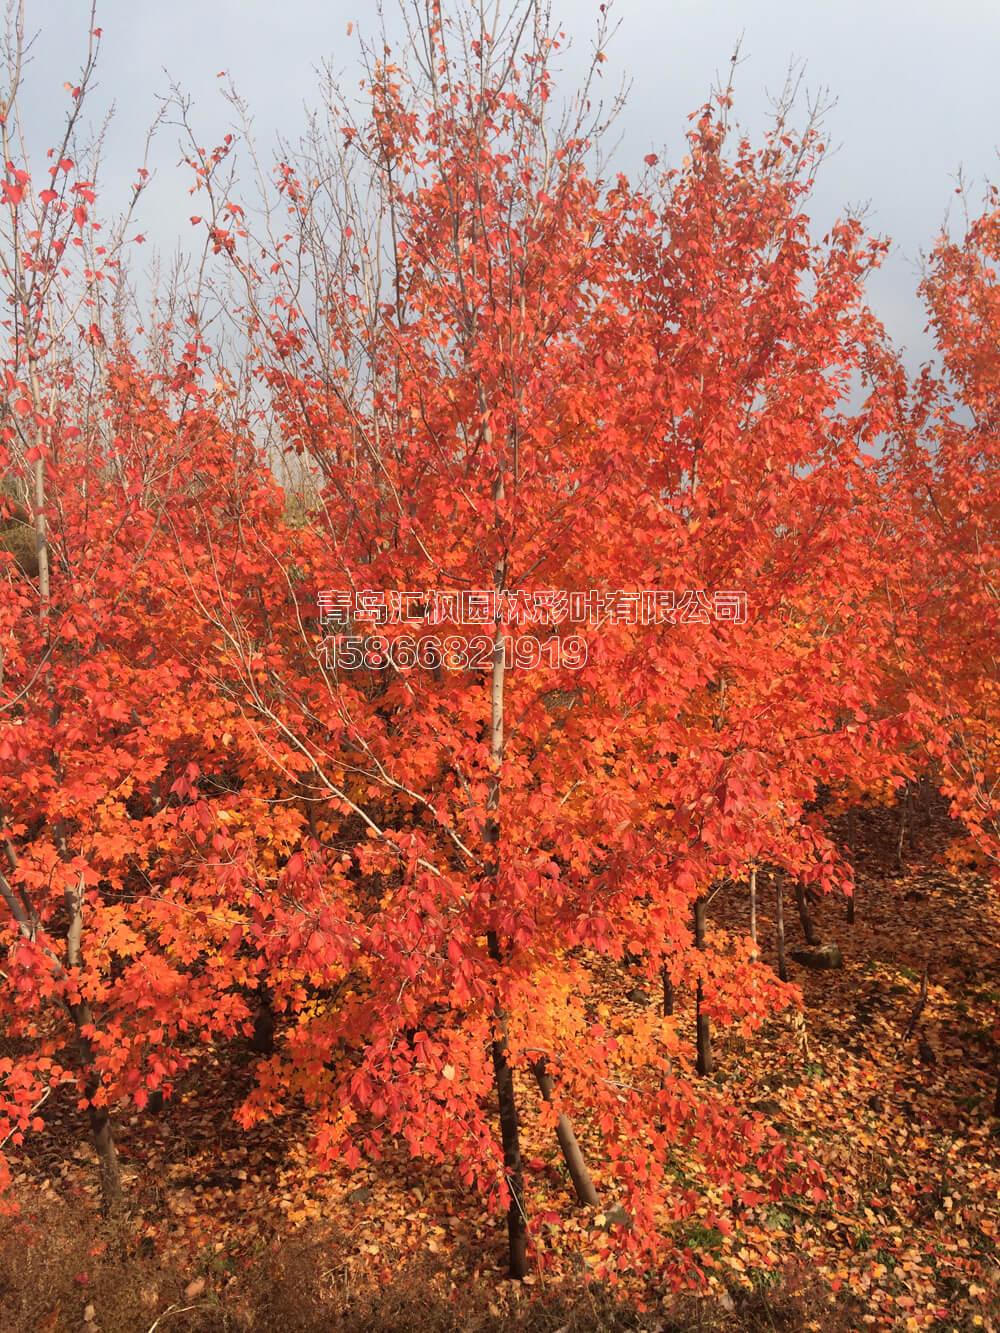 概况介绍 美国红枫夕阳红,是美国改良红枫系列品种中表现较好的品种之一,秋季叶色大红带橘红,酷似晴朗天气下落日晚霞的颜色。该品种变色一致性好,变色时间略晚于改良红枫的其它品种,红叶挂枝时间长。金红枫适应性强,耐寒耐旱耐盐碱,生长速度较快,适宜做城市绿化替代更新传 统绿化品种的优选树种。 落叶大乔木,高可达30米,冠幅10米,叶掌状3-5裂,叶长10厘米,叶表面亮绿色,叶背泛白,部分有白色绒毛。春季新叶泛红,与成串的红色花朵相映成趣;夏季枝叶成荫;秋季叶片为绚丽的红色,持续时间长。树型直